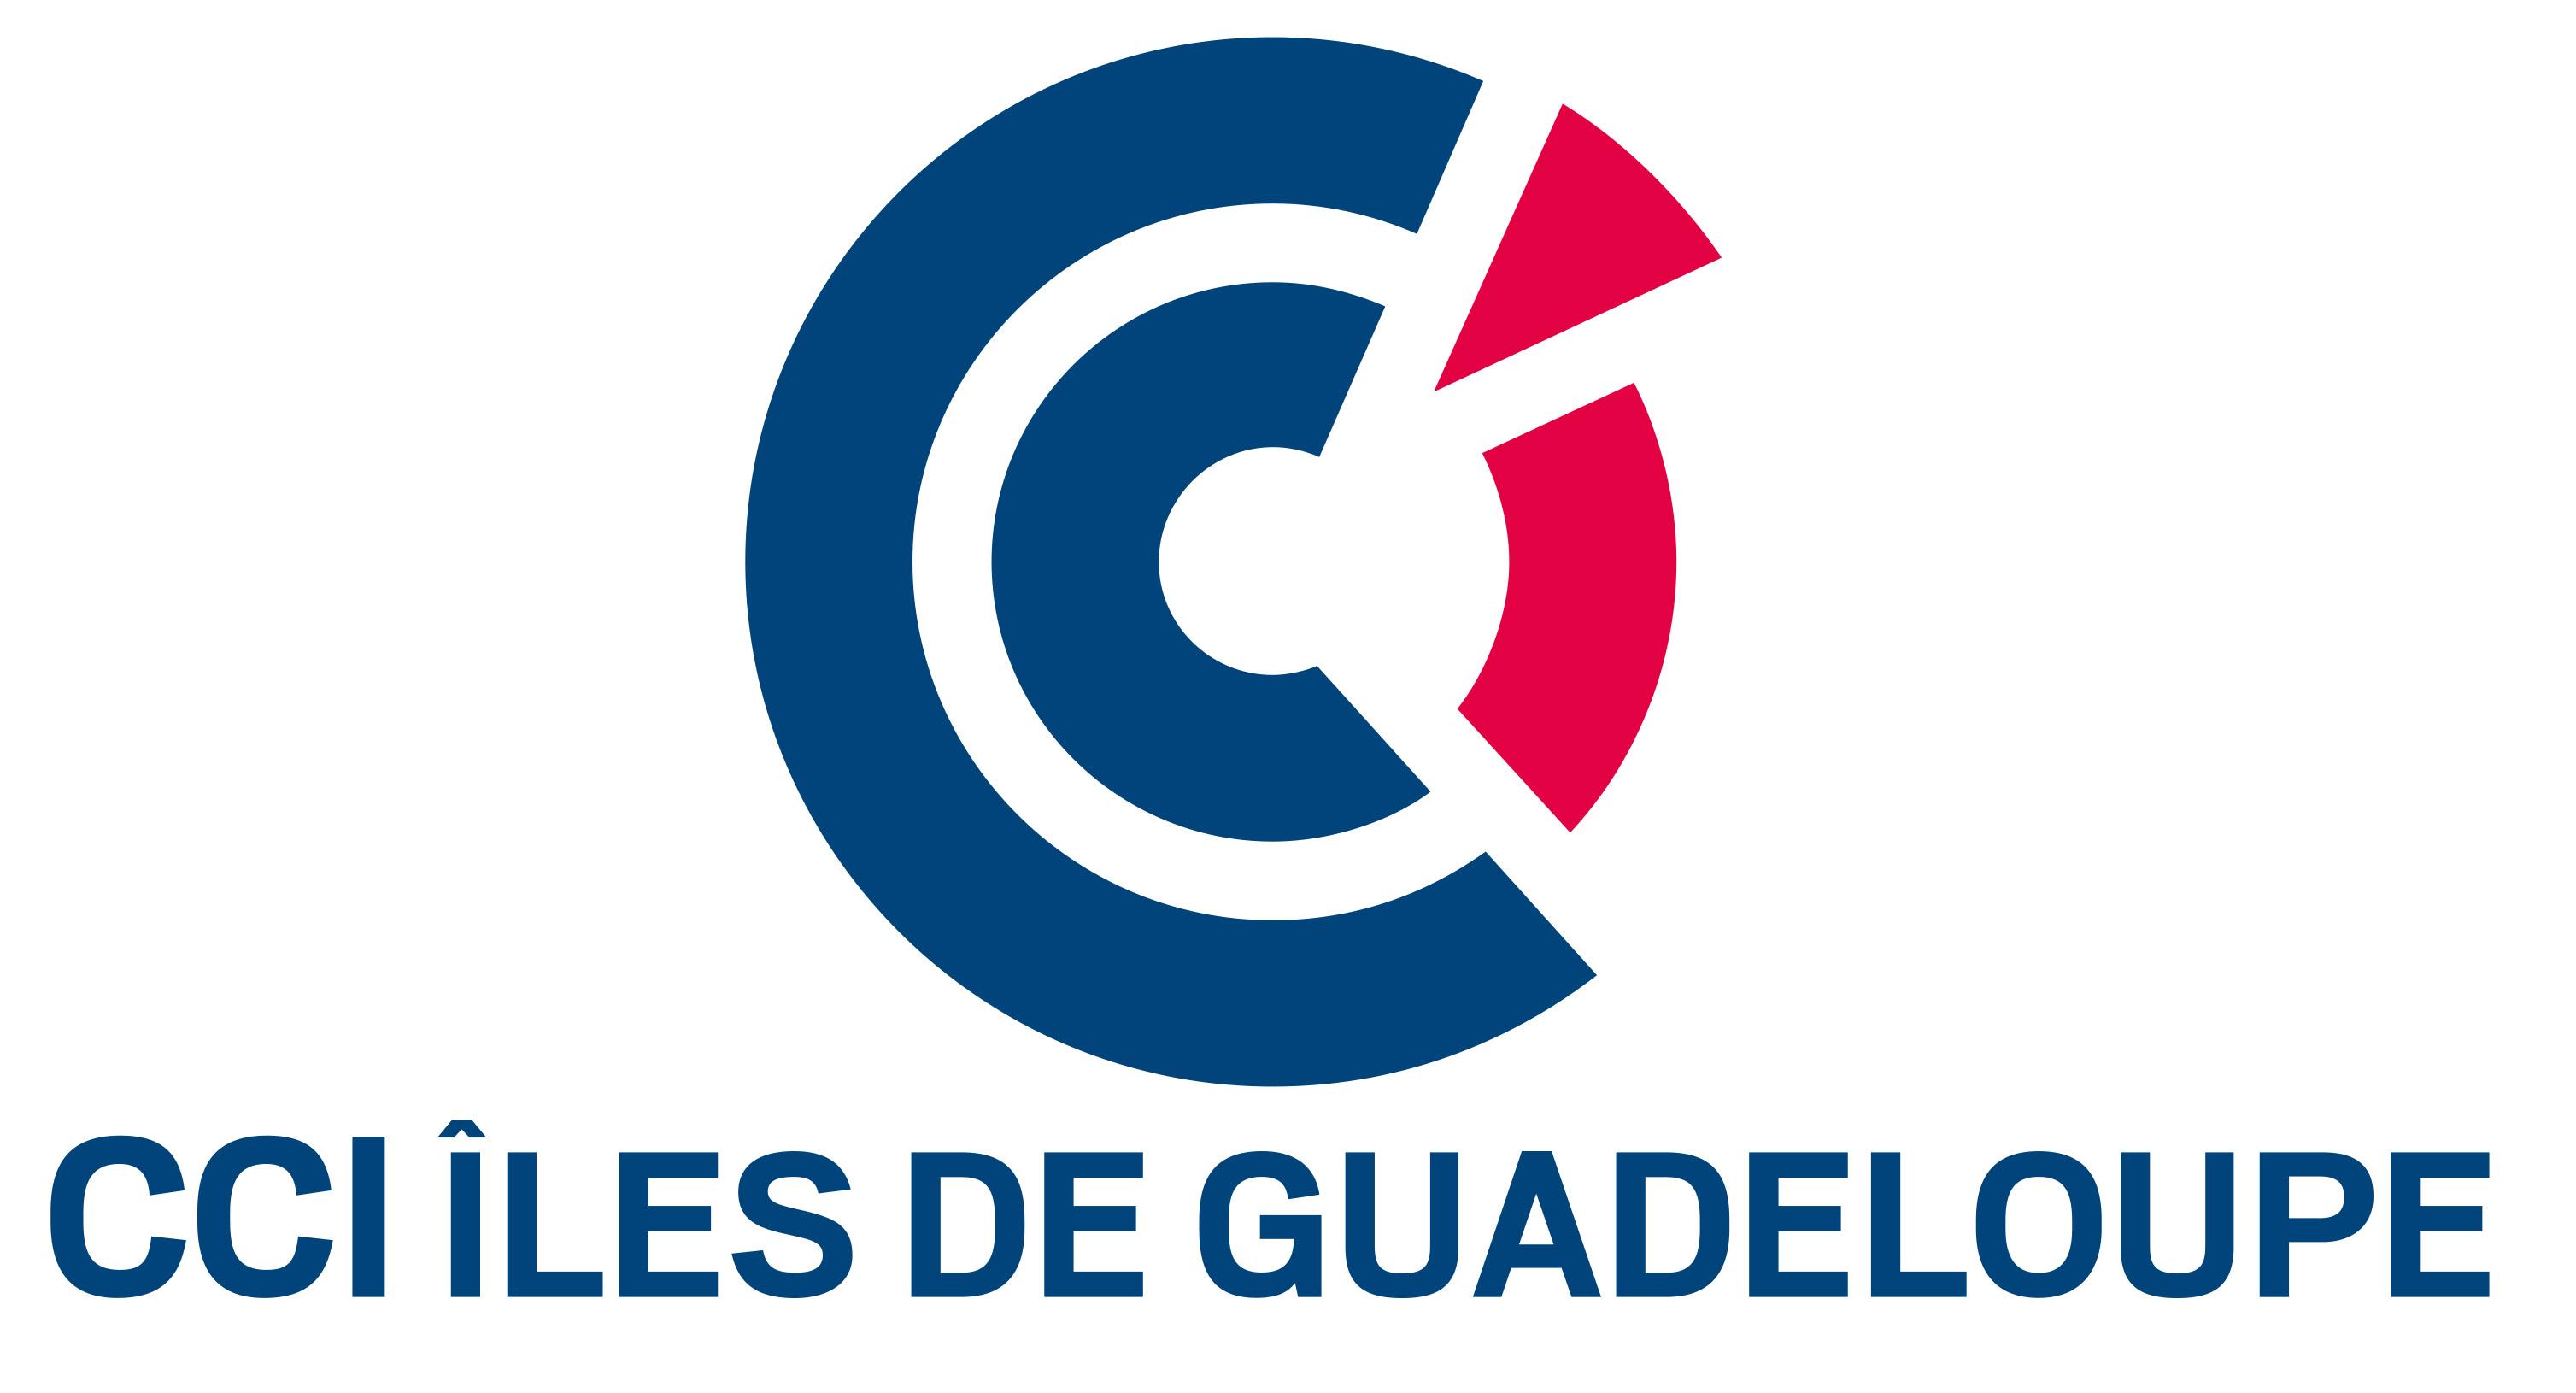 CCI Guadeloupe